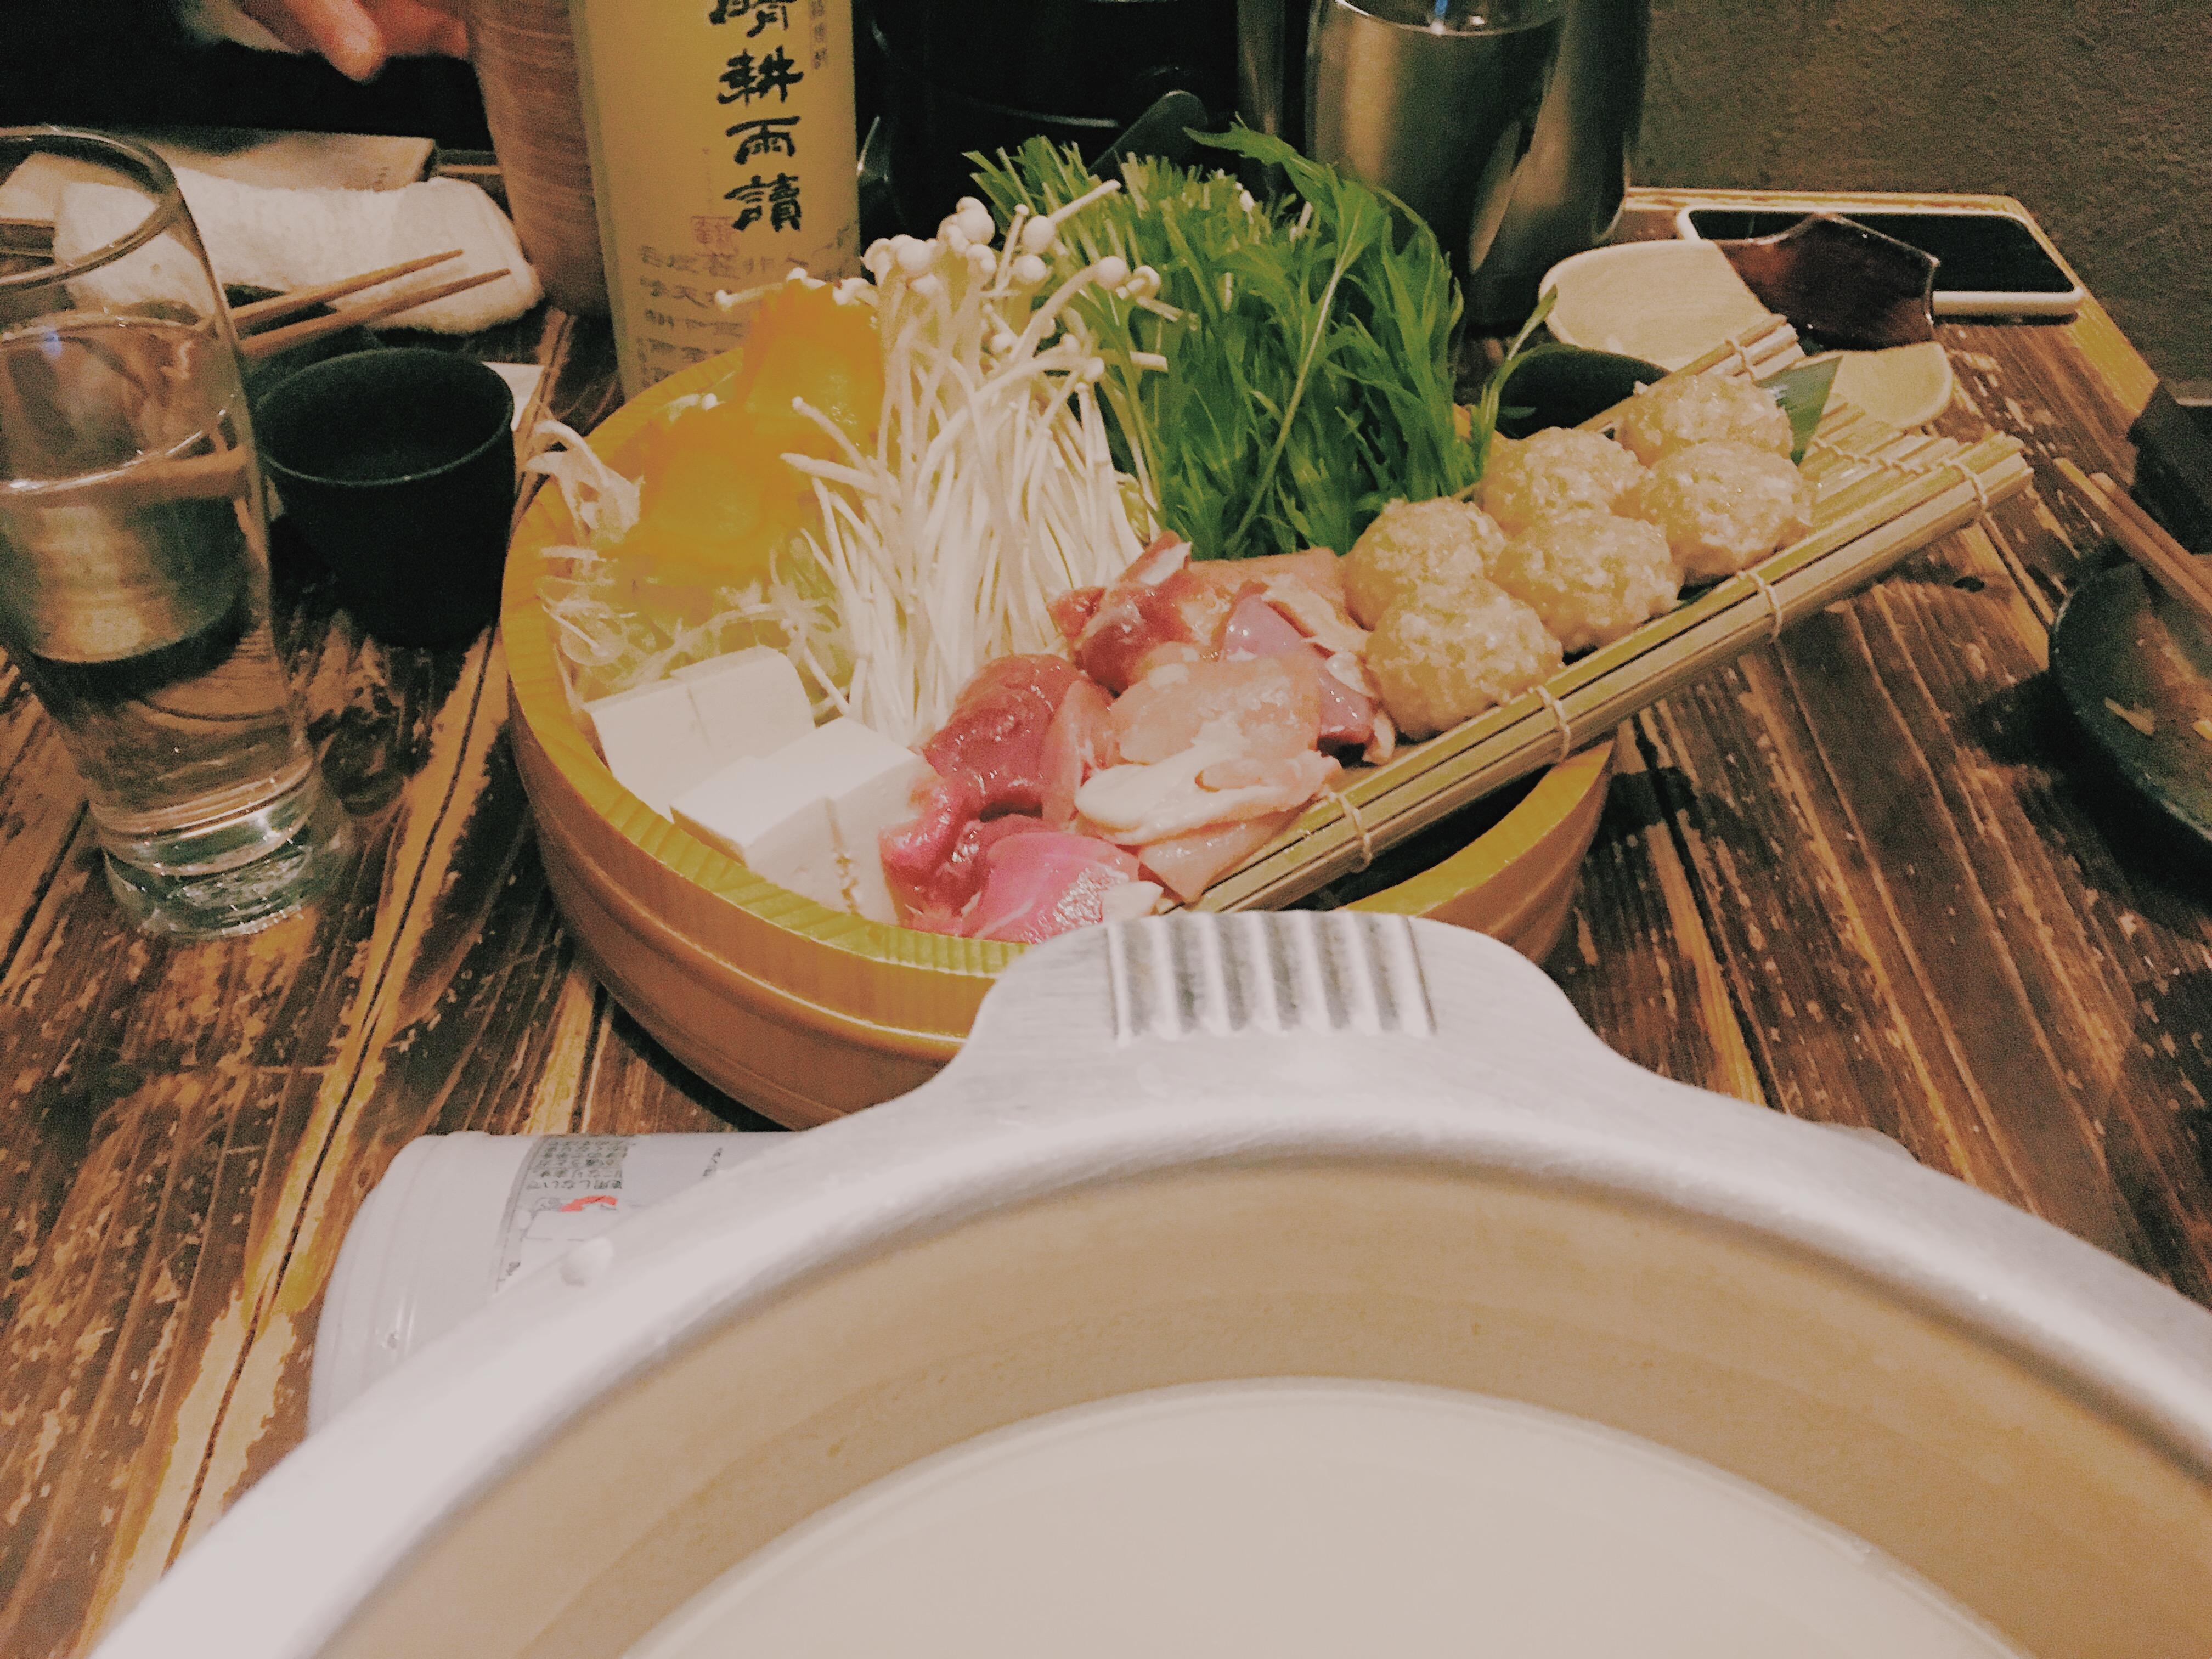 【なぎの木 表参道店】博多もつ鍋・水炊き・一品料理も美味しい!